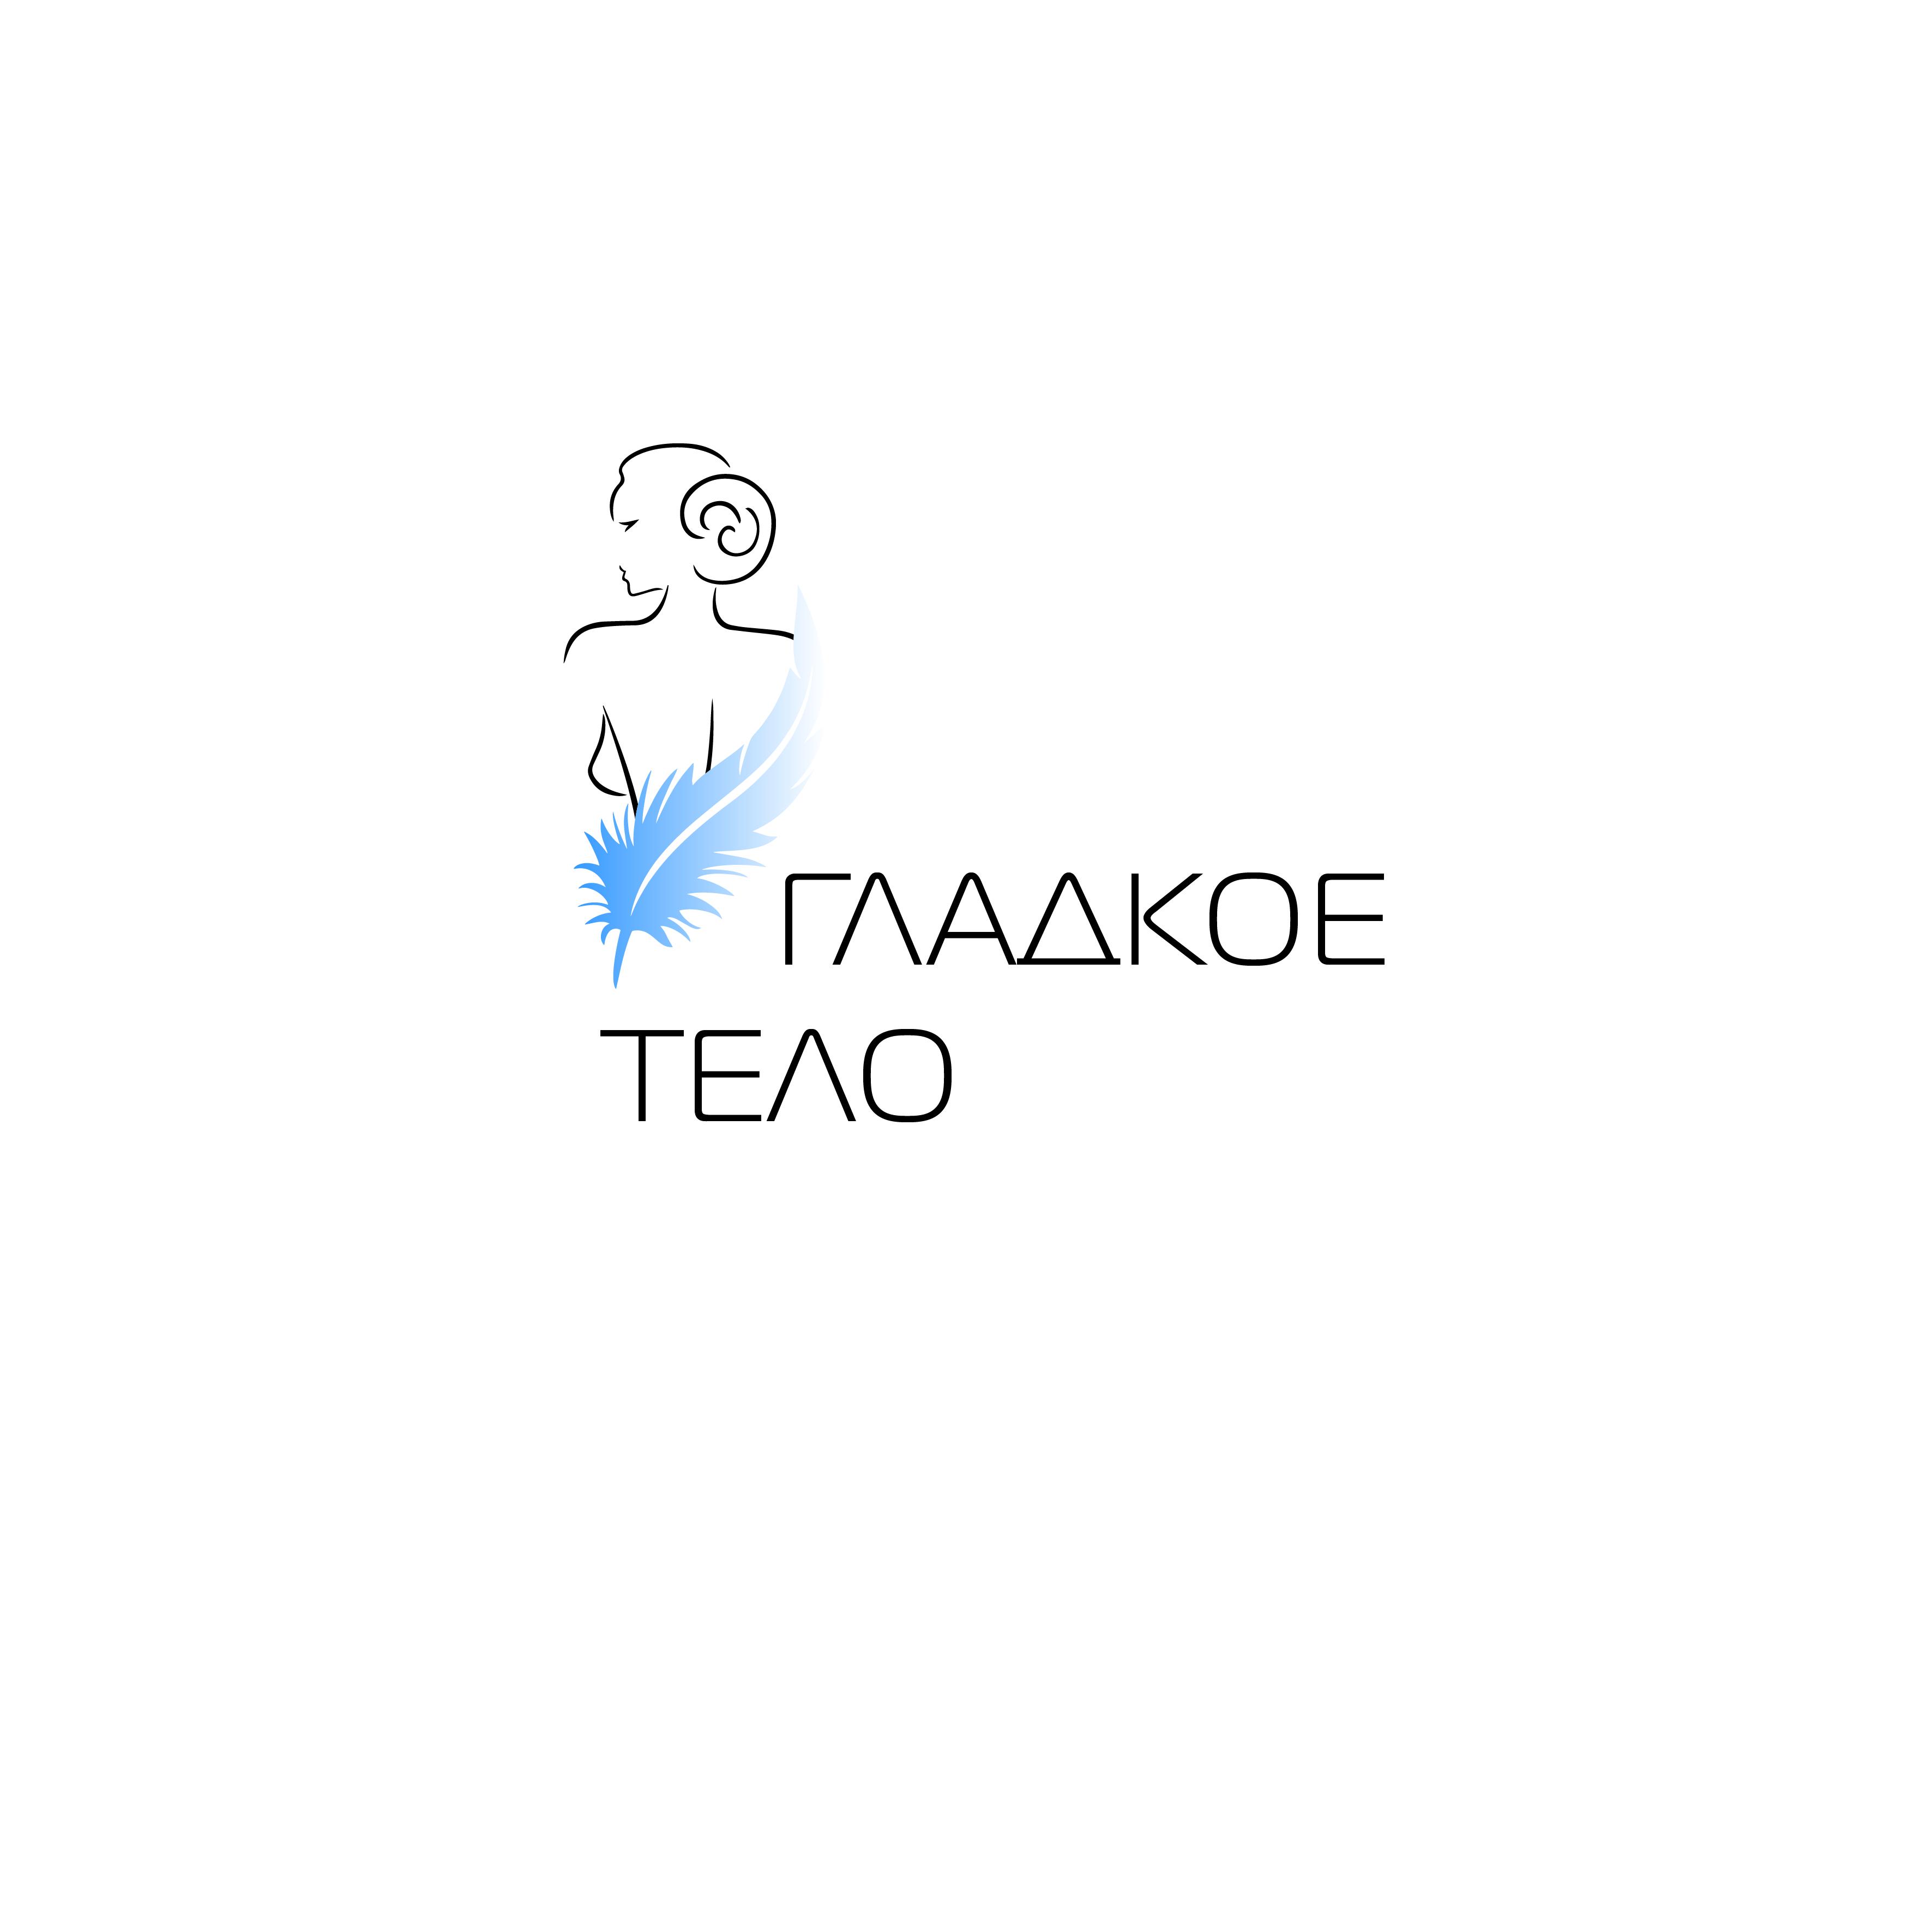 Логотип для сети студий лазерной эпиляции фото f_1295a5283259bd1c.jpg